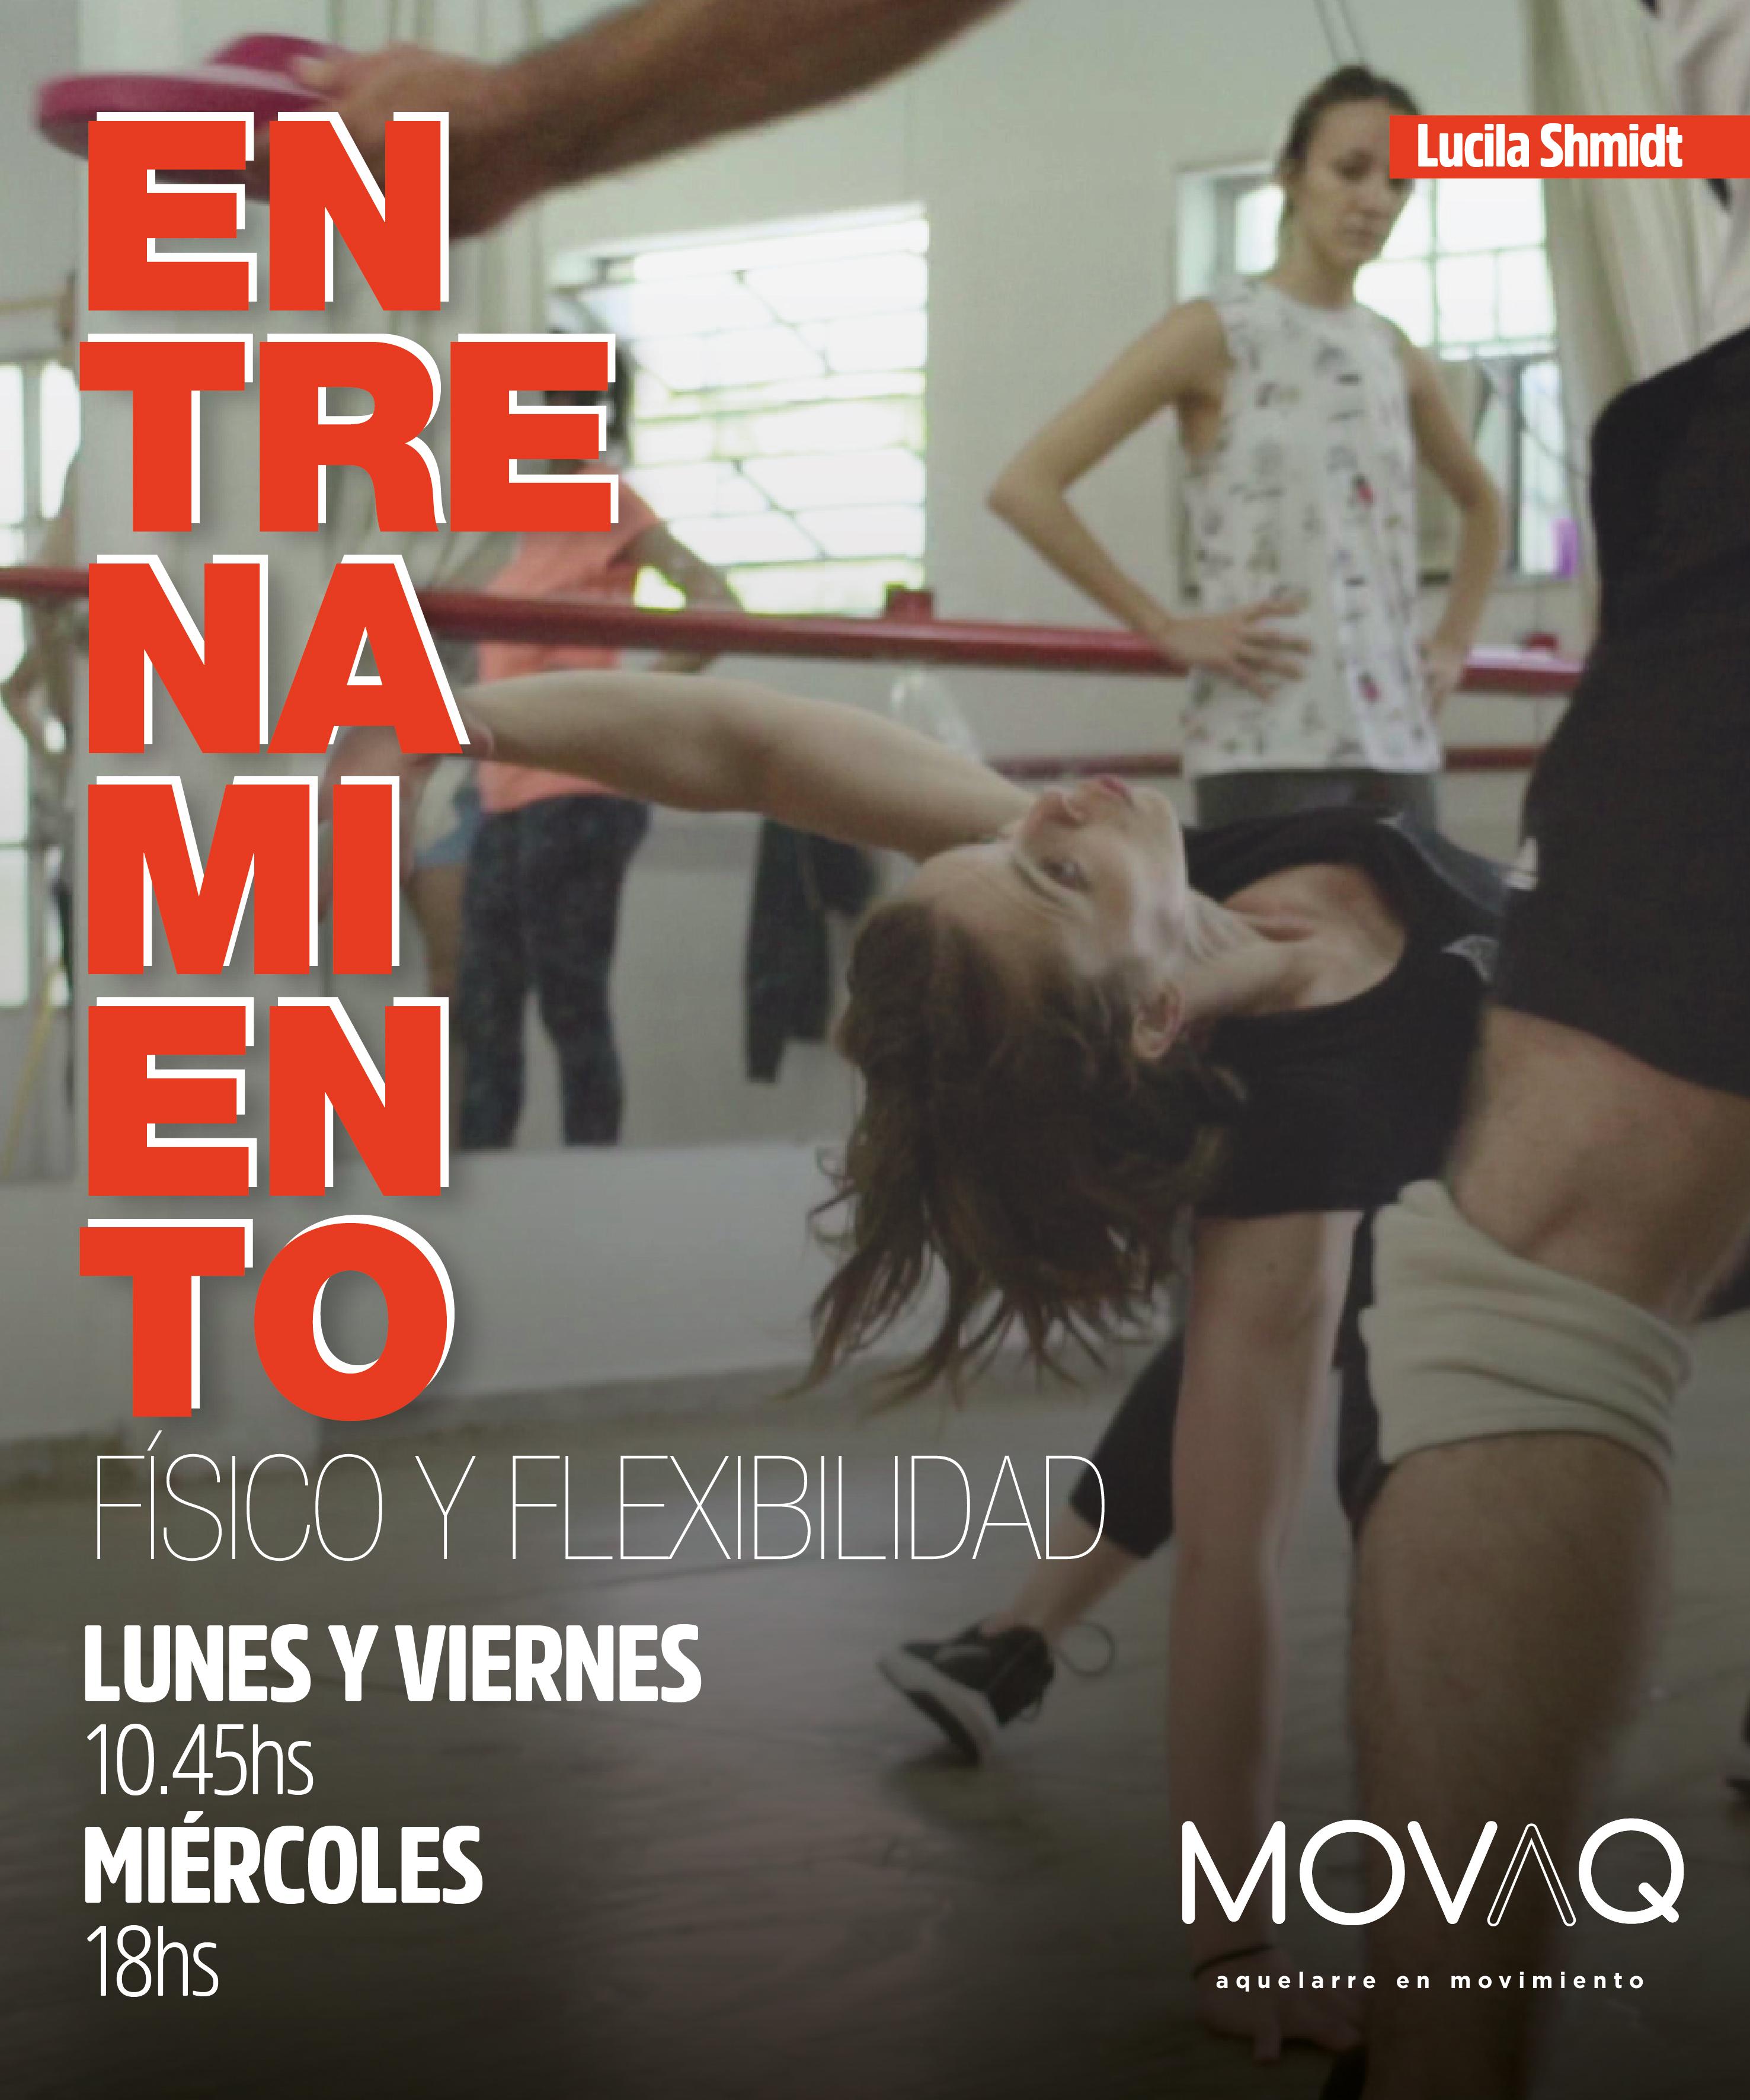 Entrenamiento físico y flexibilidad